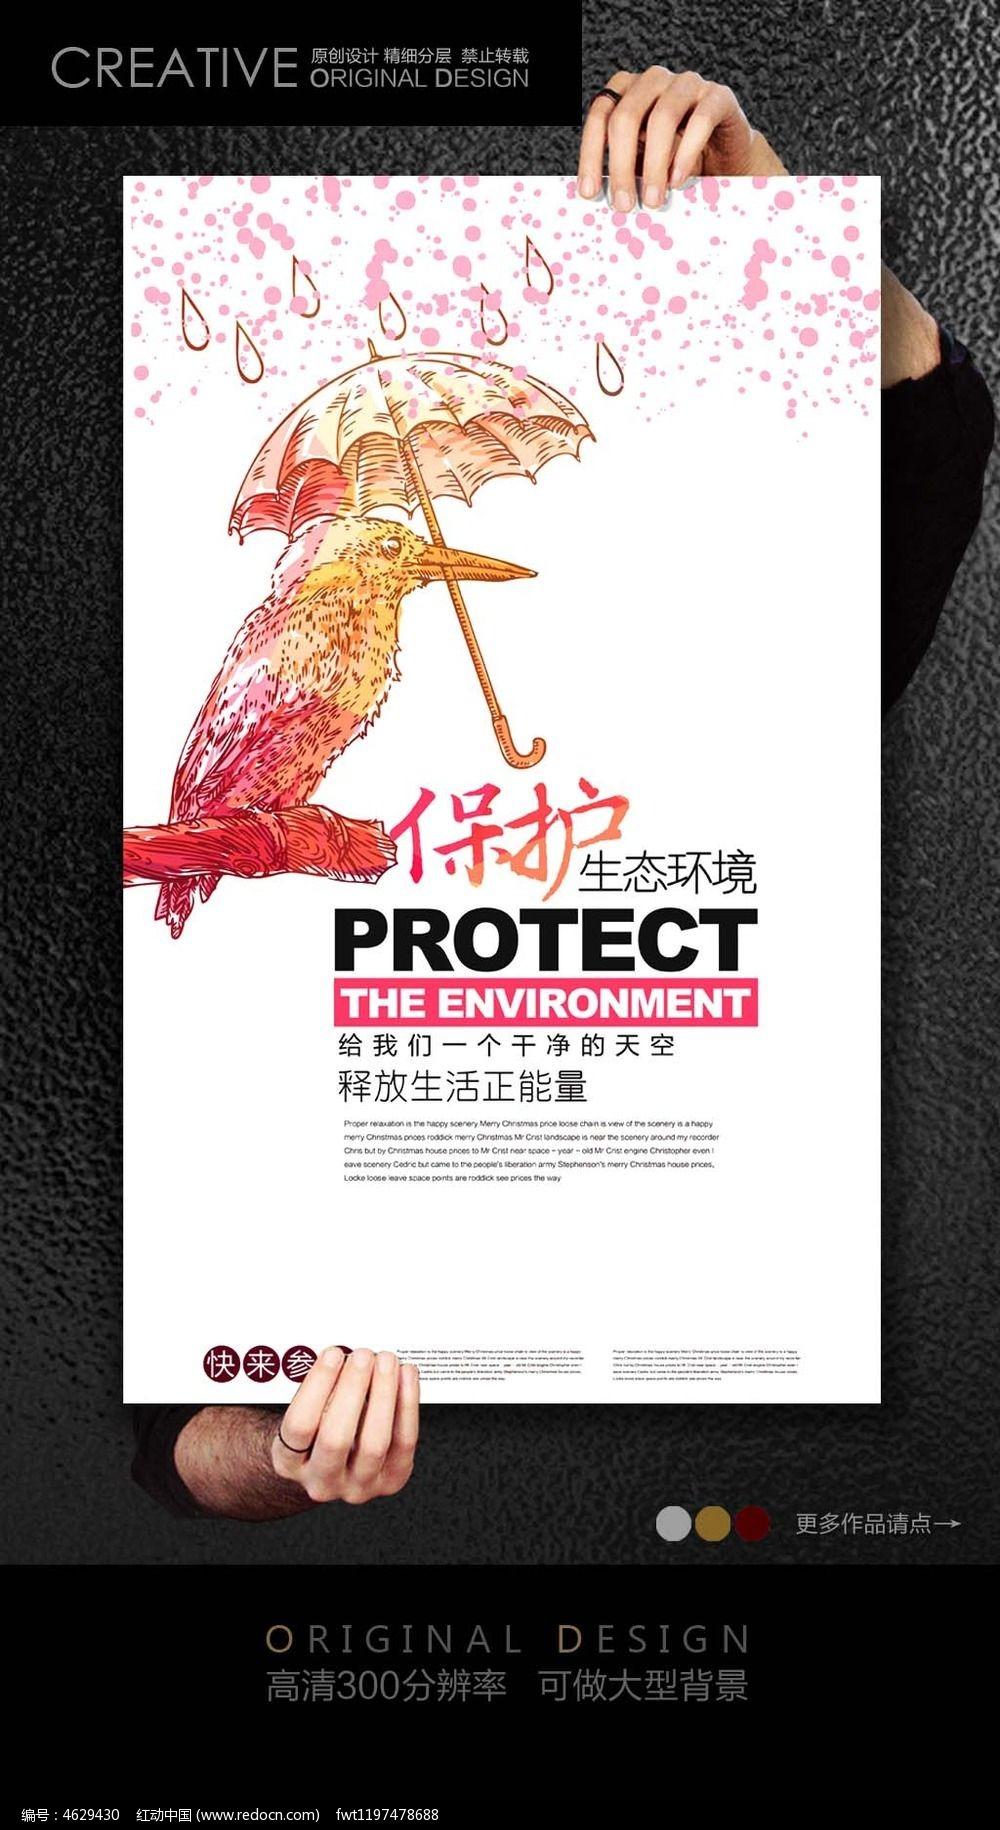 简约保护生态环境公益海报设计